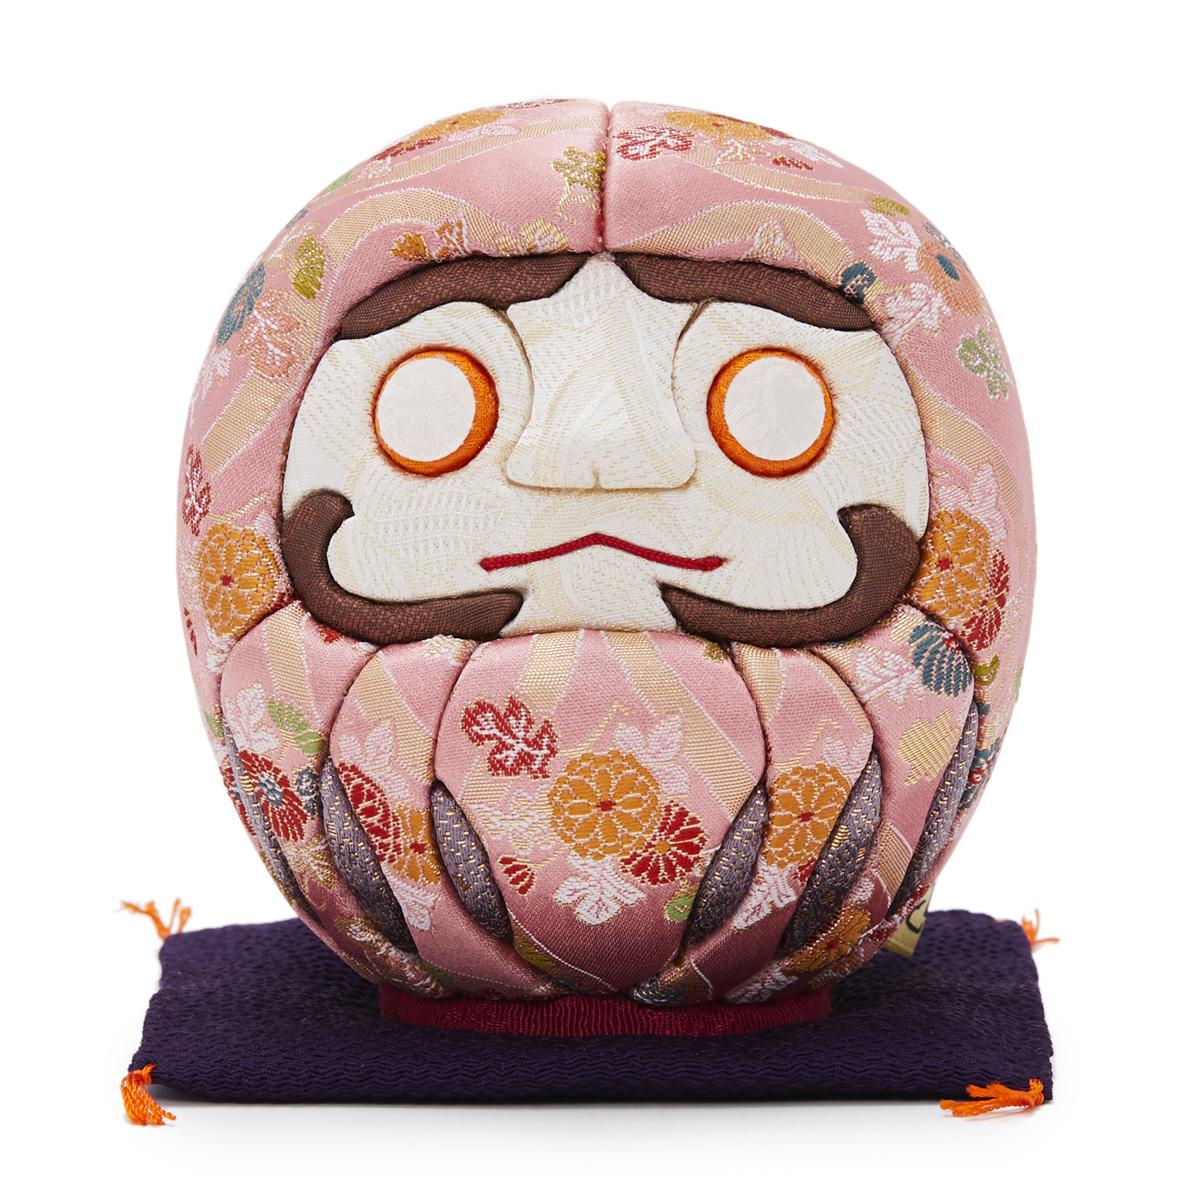 伝統の木目込み技術とモダンデザインが出逢った願掛けだるま 友禅染め 桃・ピンク|柿沼人形